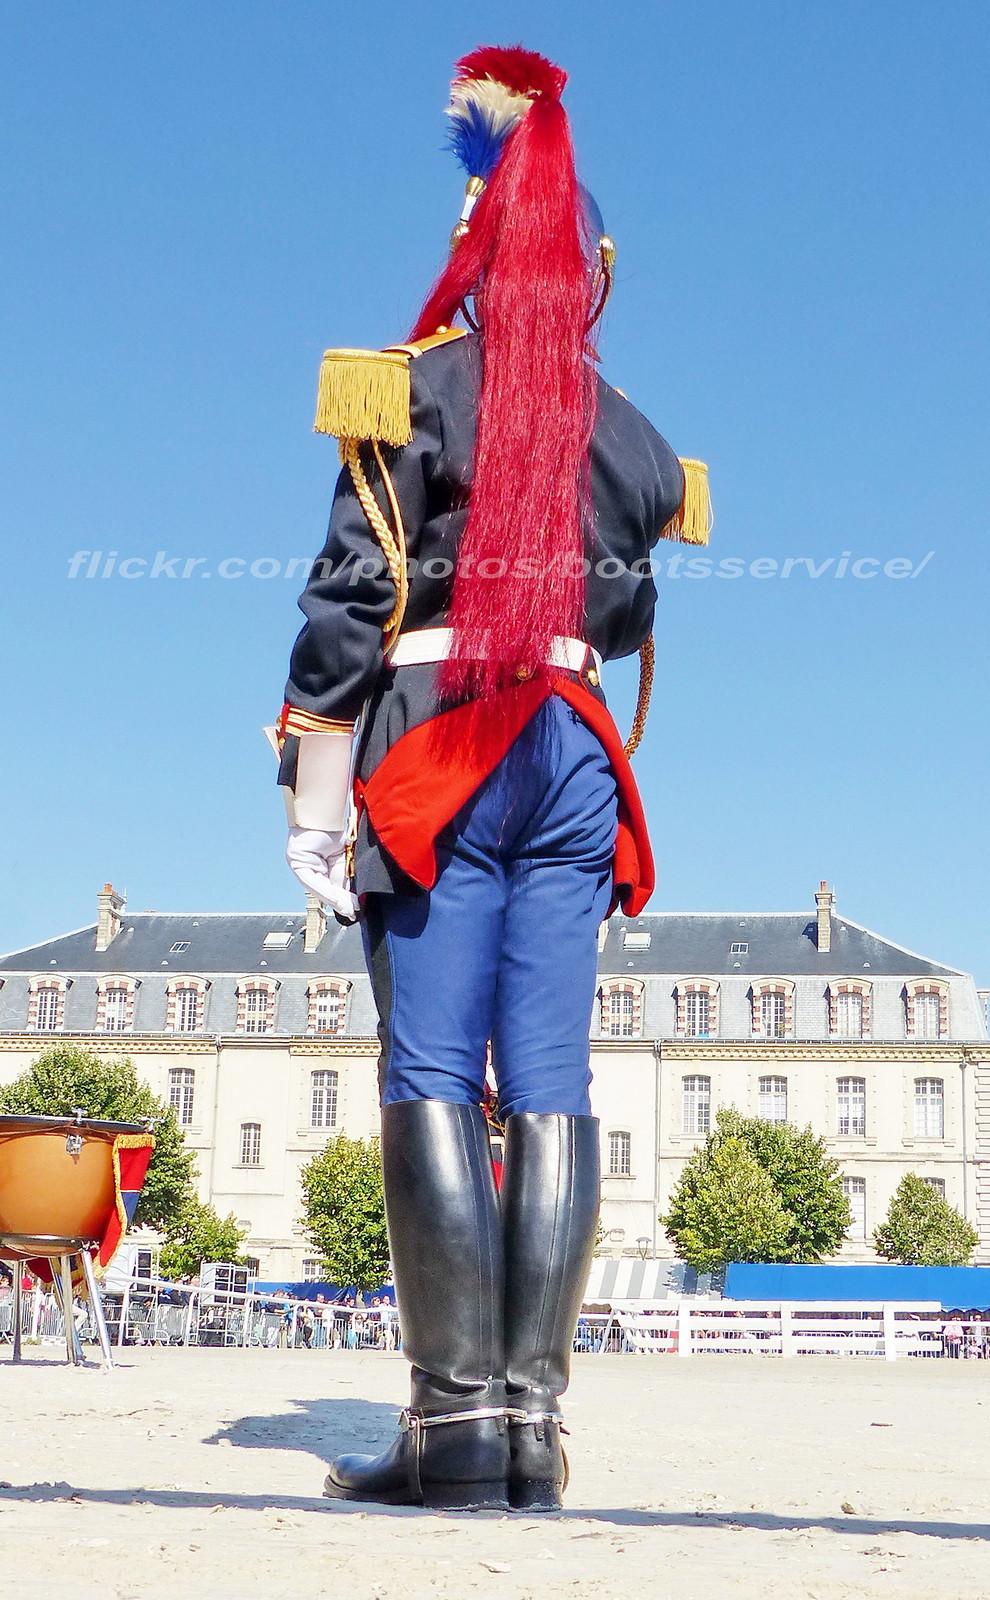 2015 garde r publicaine portes ouvertes 3 3 fanfare de cavalerie flickr - Portes ouvertes garde republicaine ...